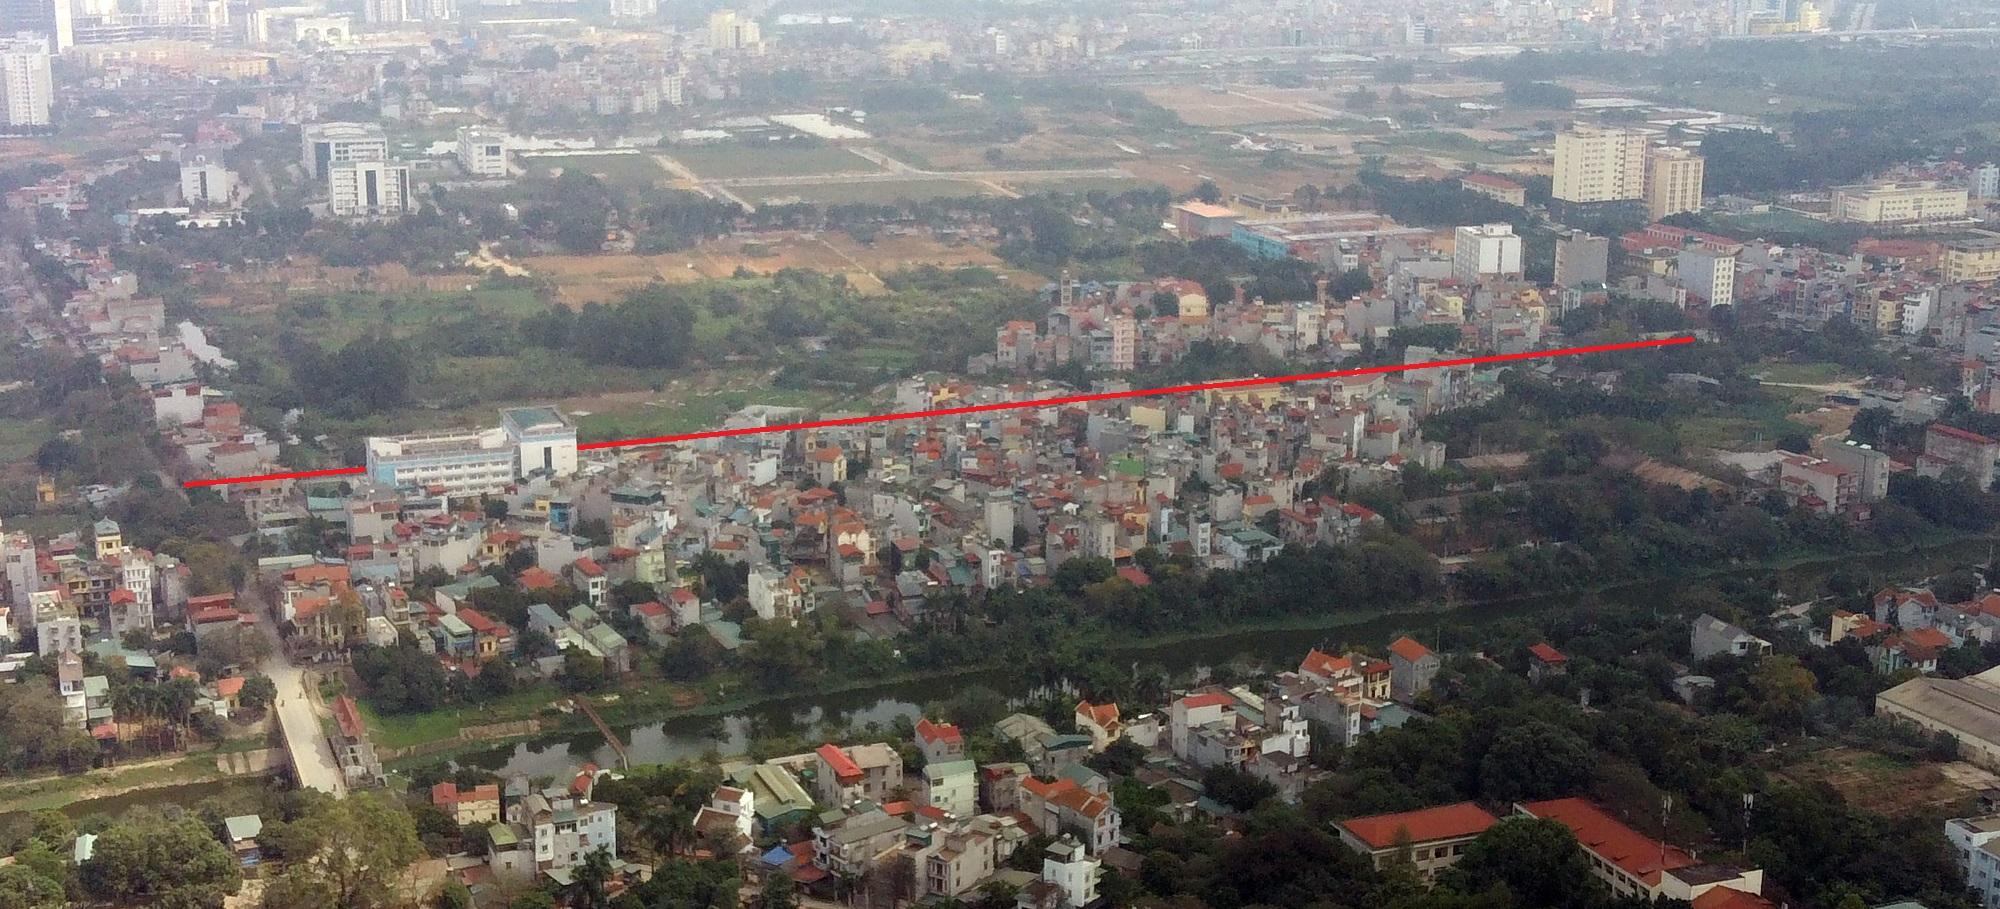 4 đường sẽ mở theo qui hoạch ở phường Đức Thắng, Bắc Từ Liêm, Hà Nội - Ảnh 9.